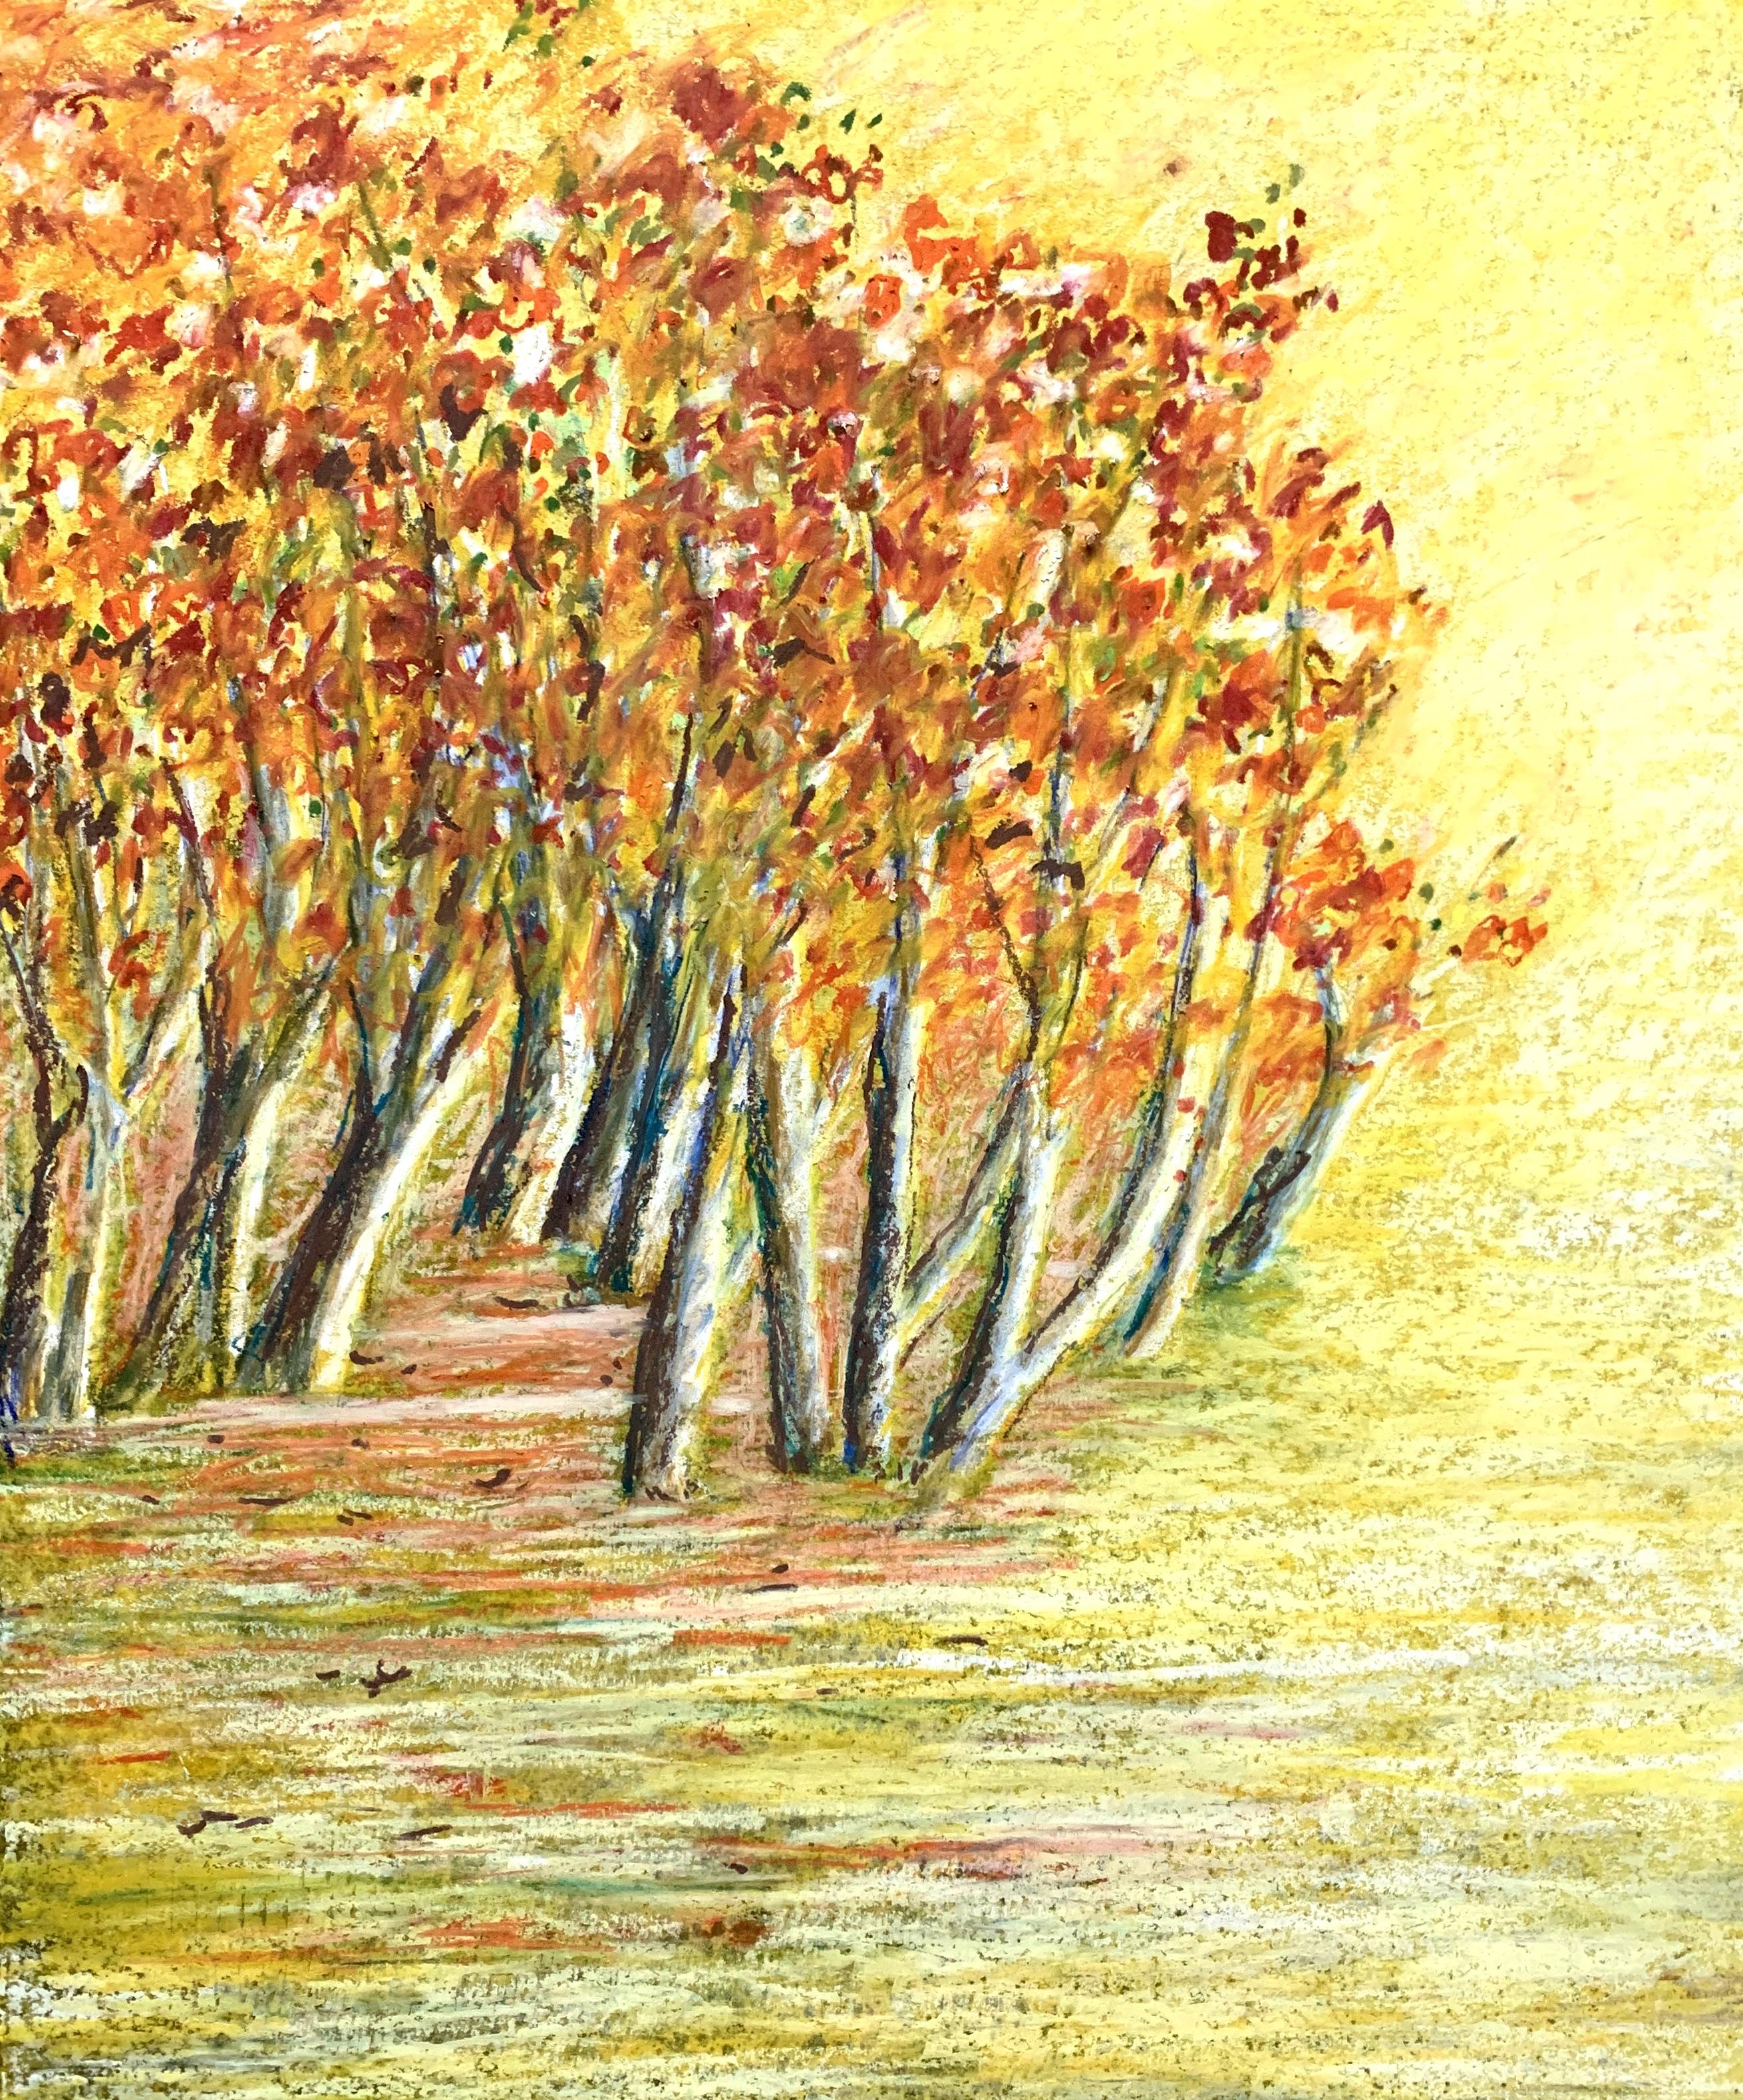 Tree n Light 亮光